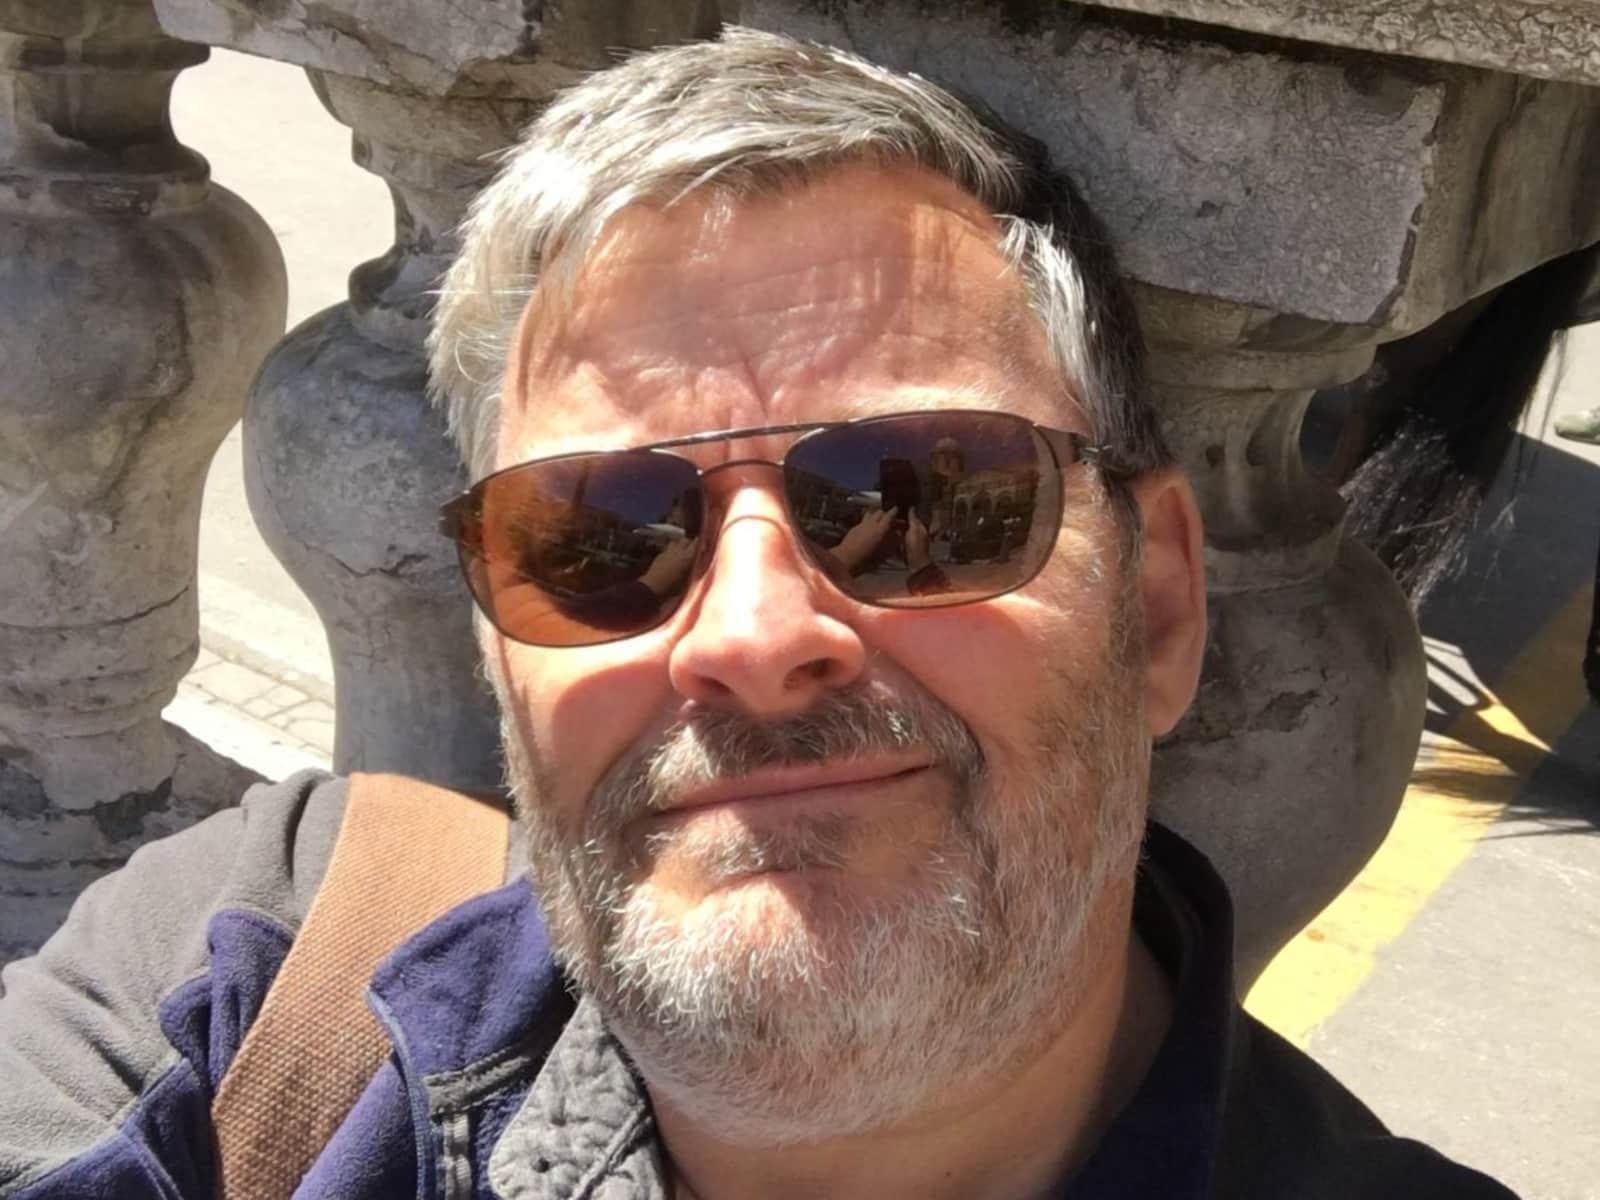 Alan from Stratford-upon-Avon, United Kingdom